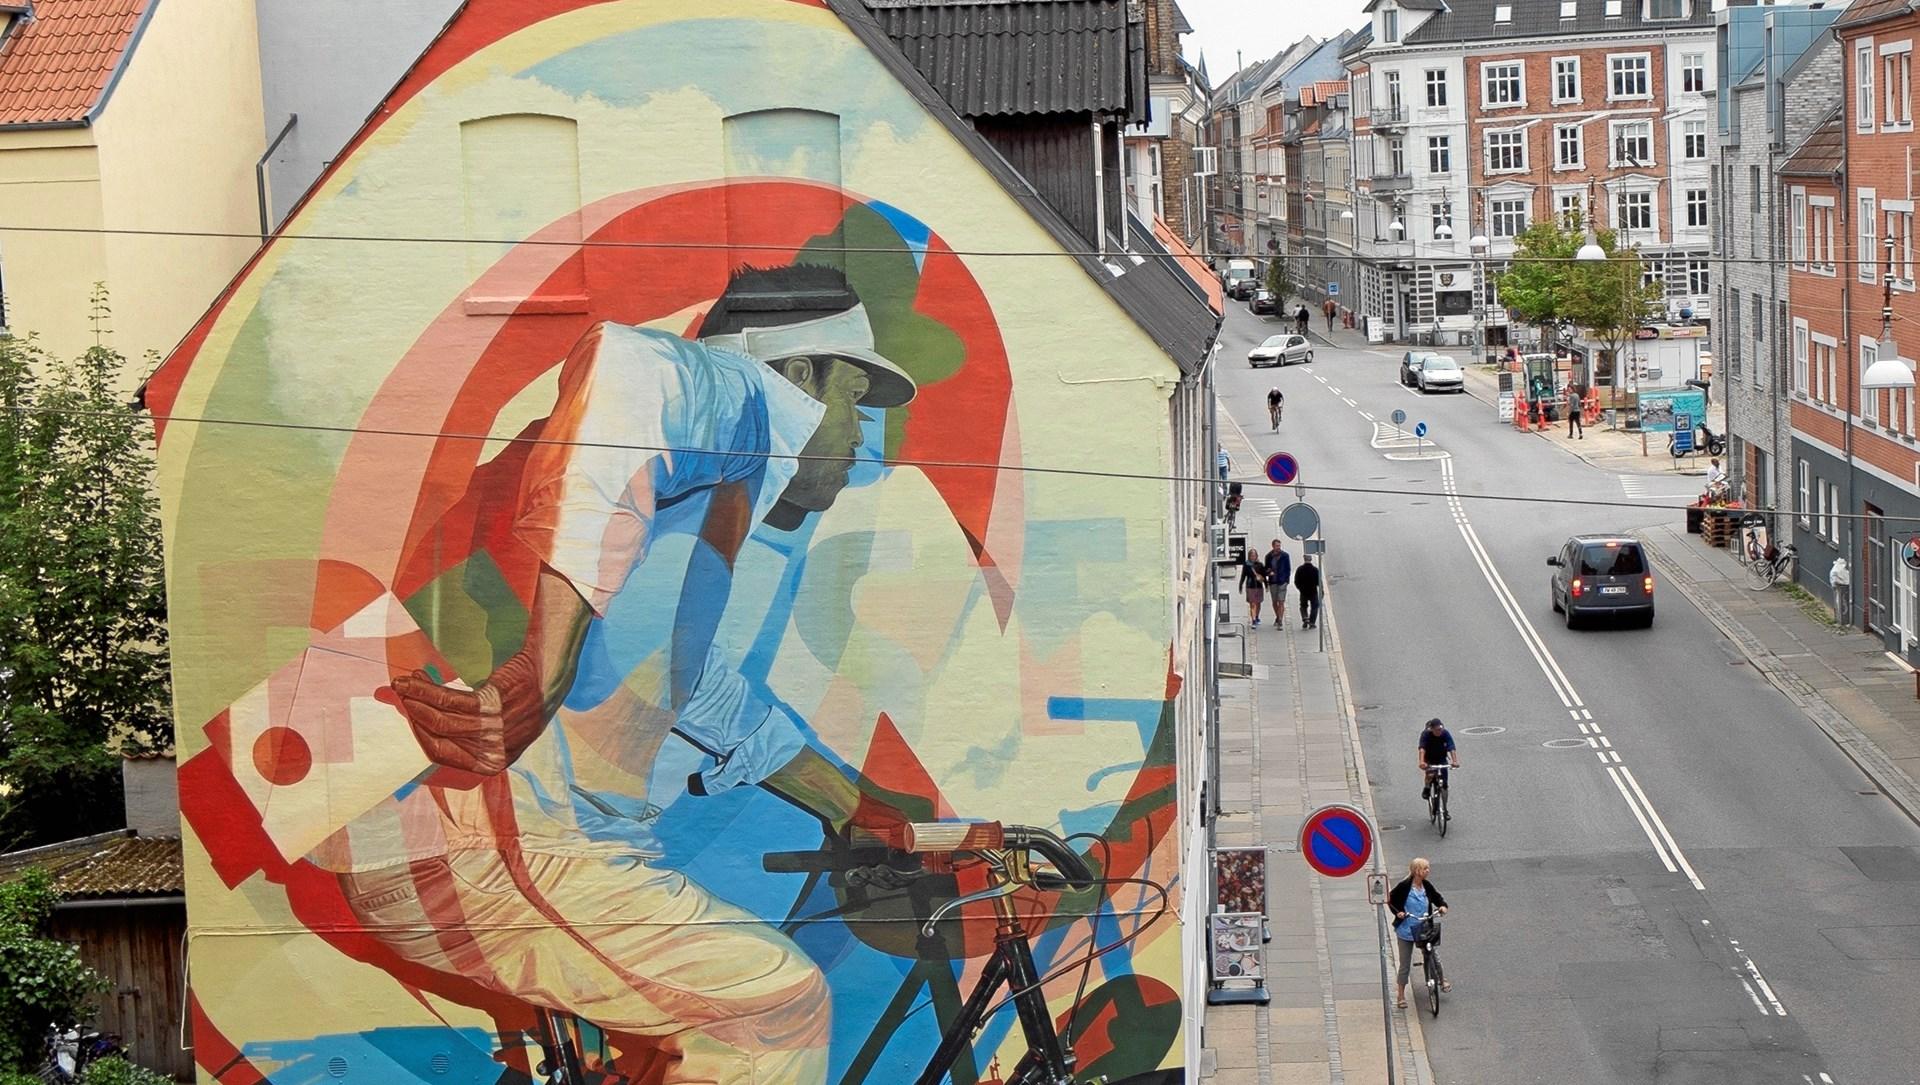 Urban Art i verdensklasse